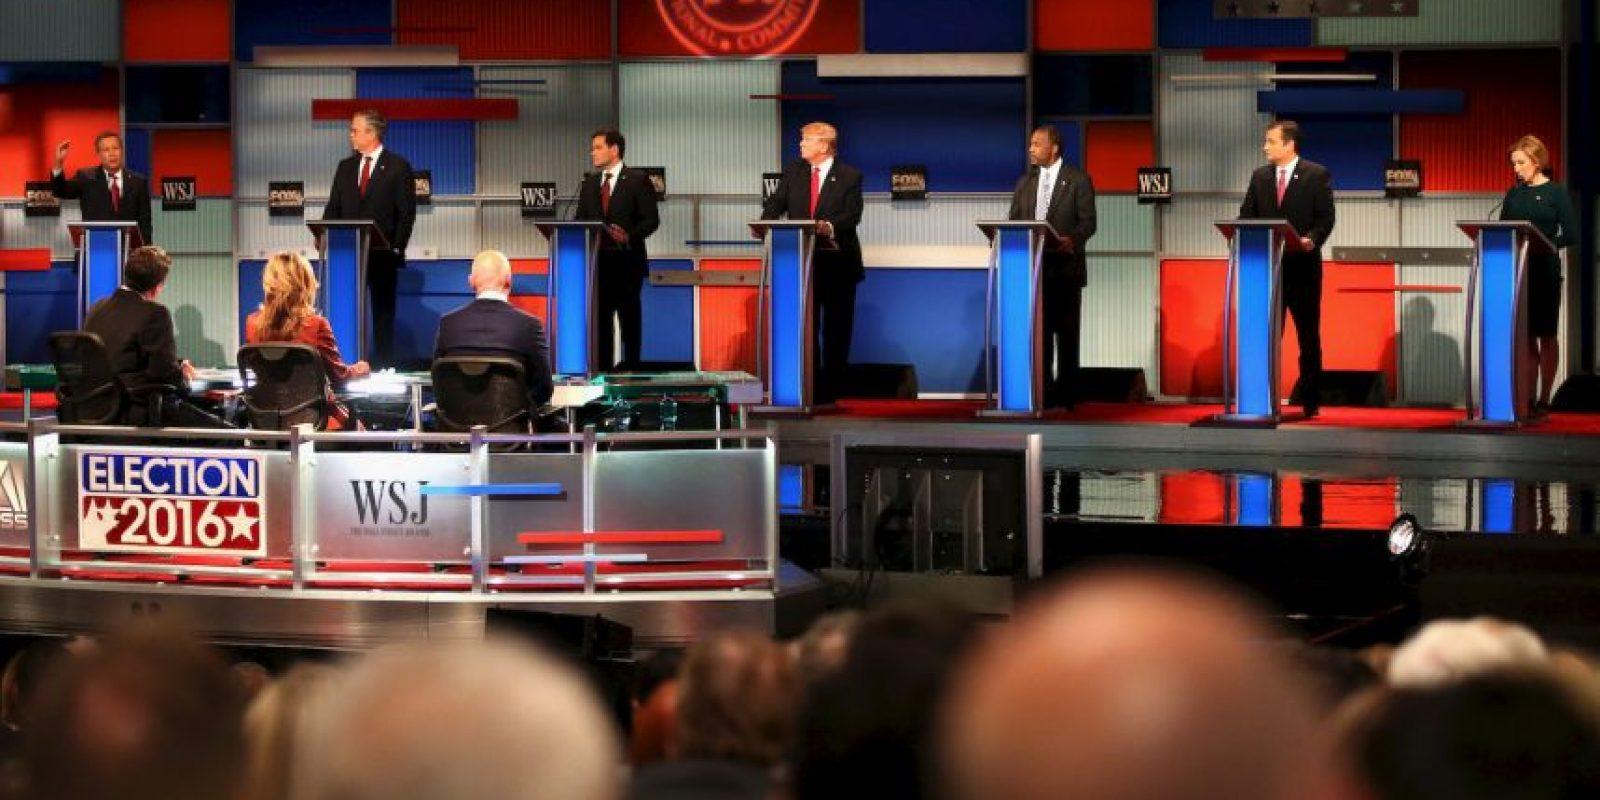 Los ataques a la precandidata republicana Hillary Clinton también estuvieron presentes. Foto:Getty Images